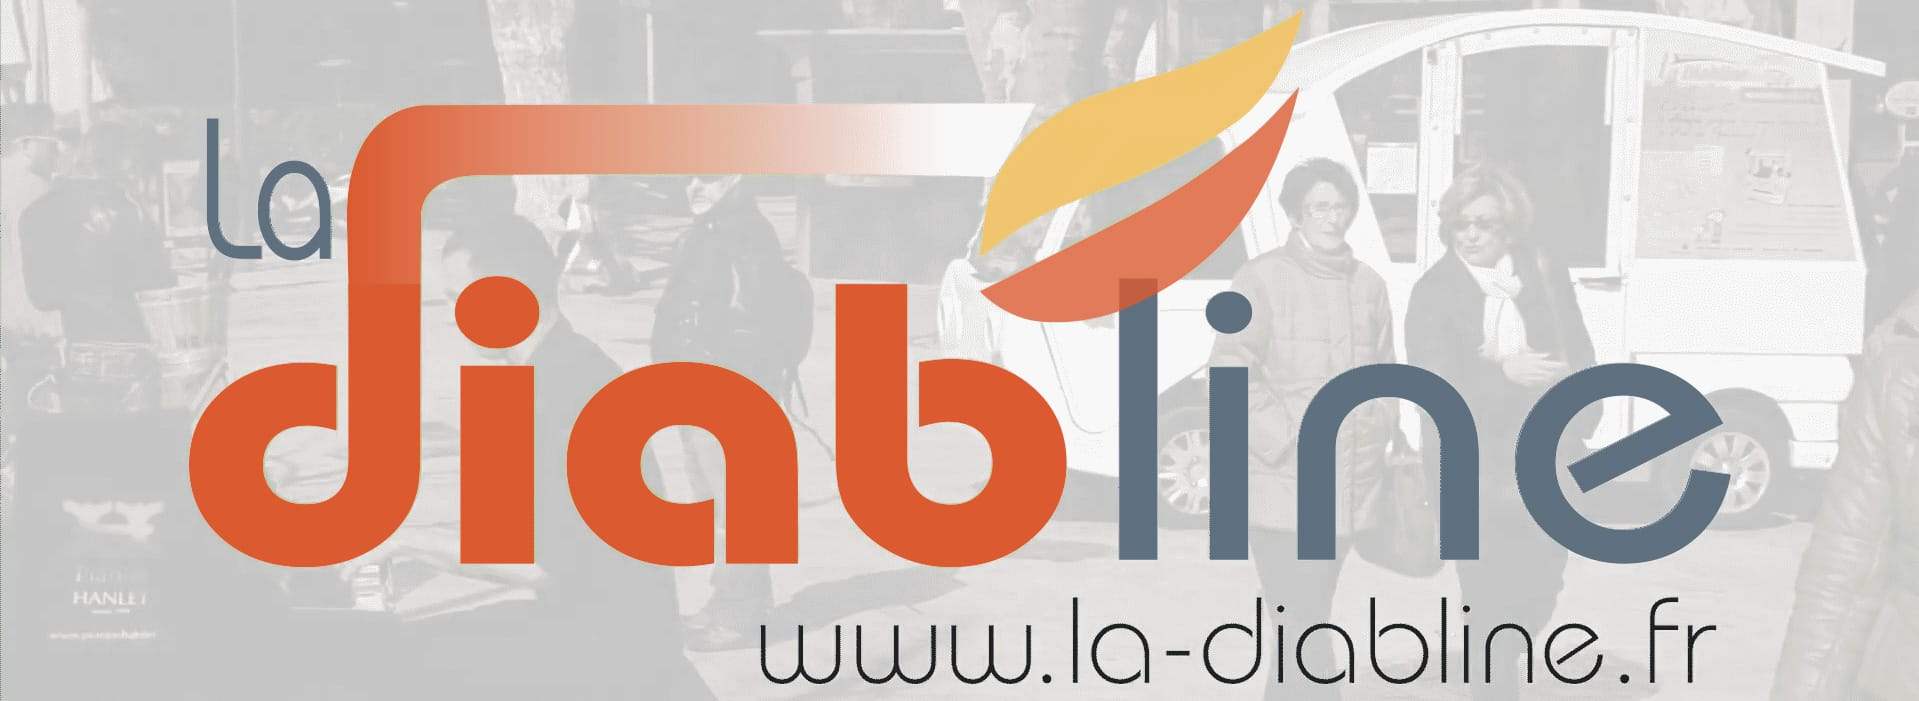 La Diabline | Vidéo de présentation du concept